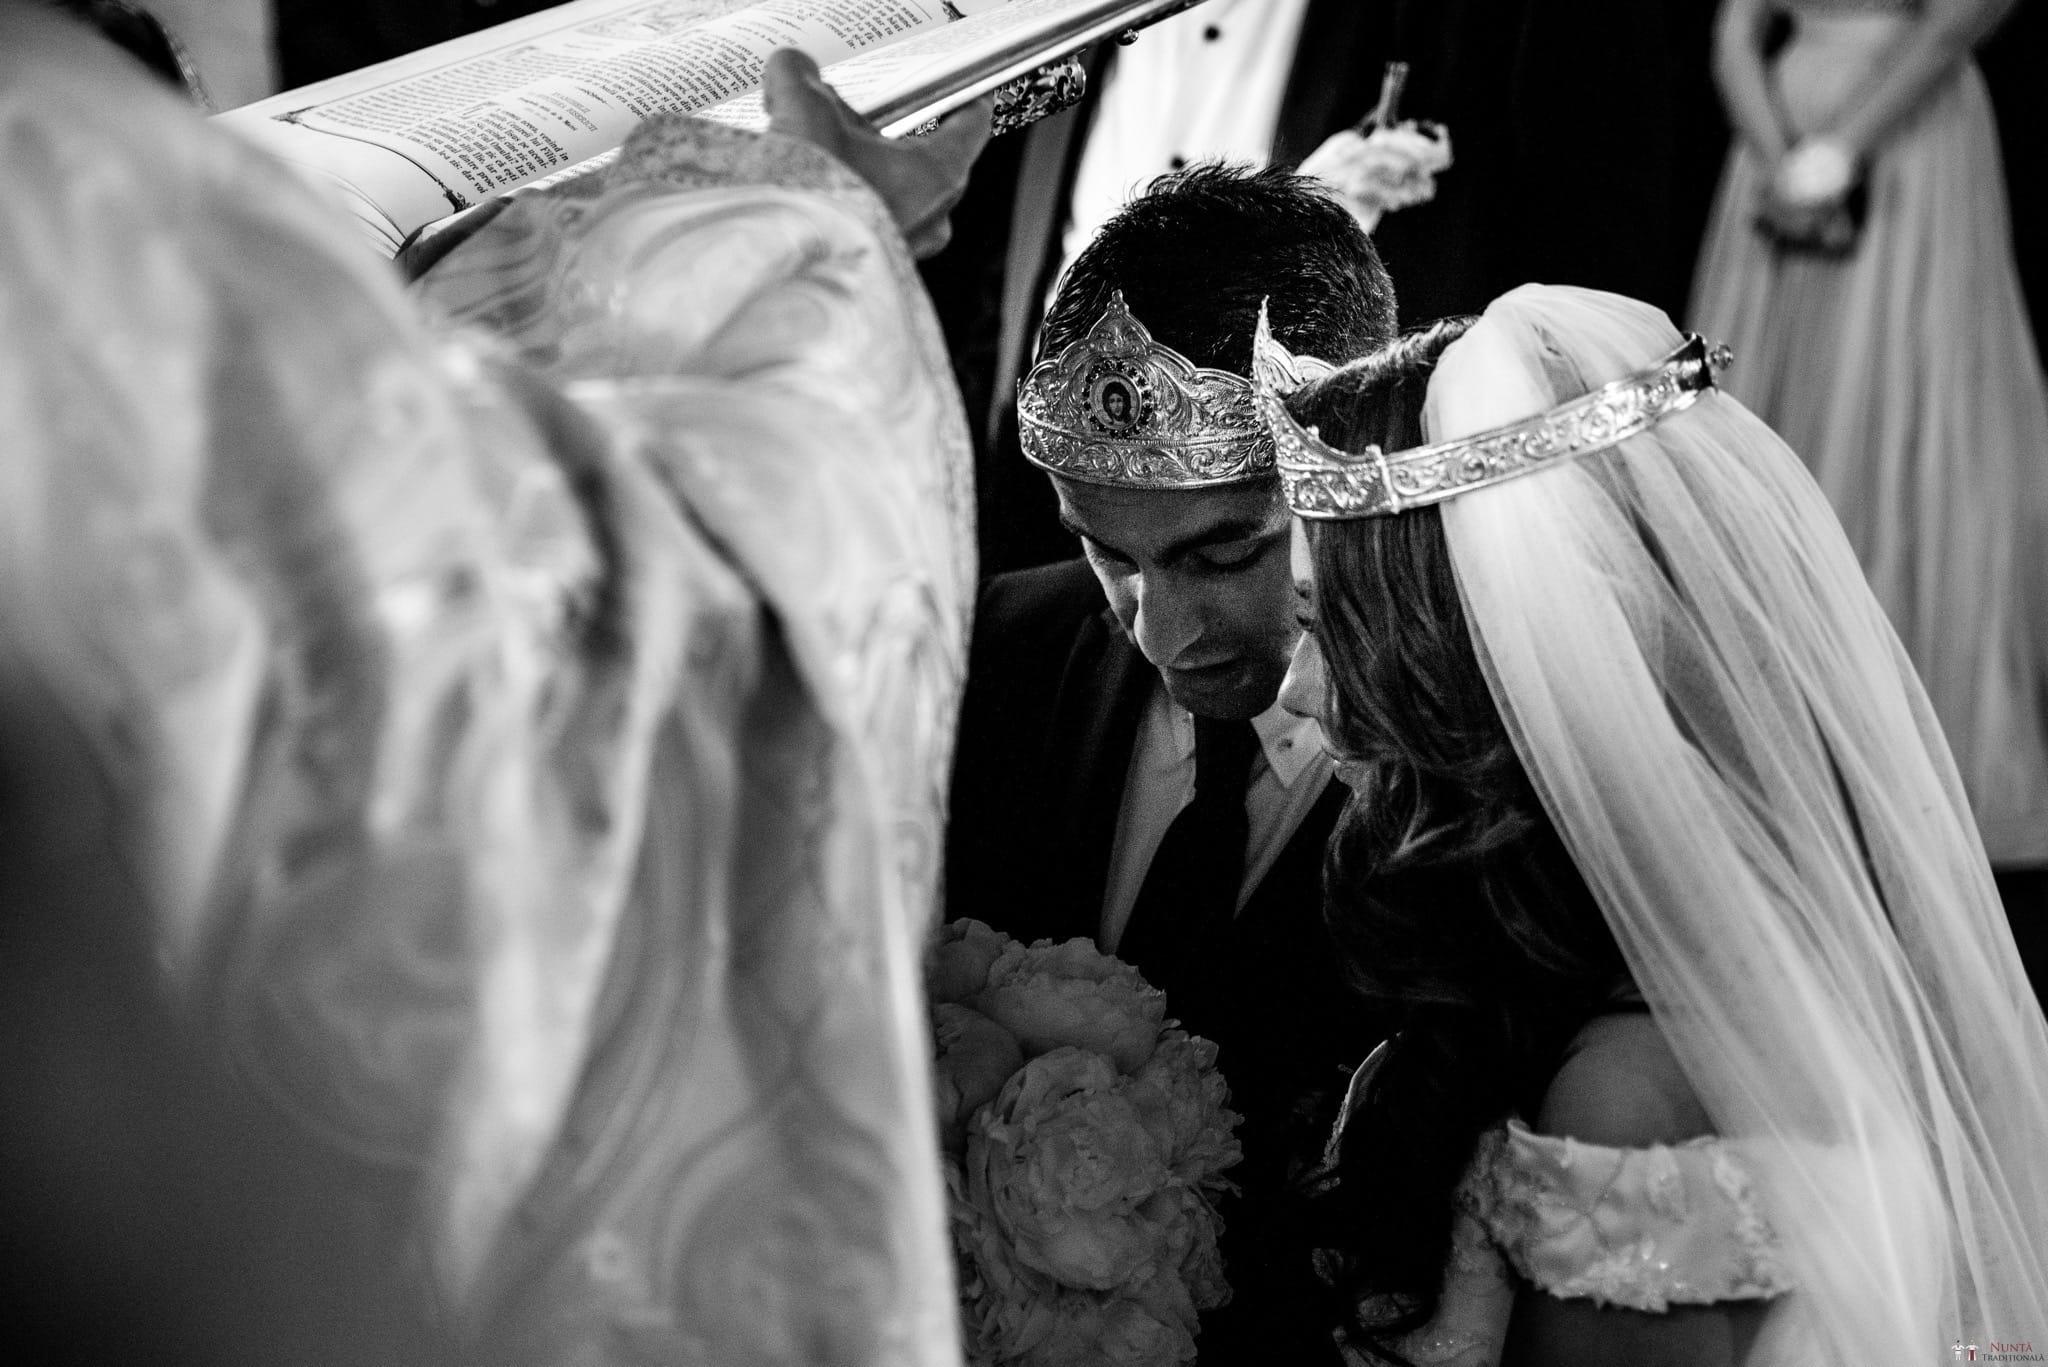 Povești Nunți Tradiționale - Irina și Alexandru, nuntă în Câmpulung Moldovenesc, Suceava 61